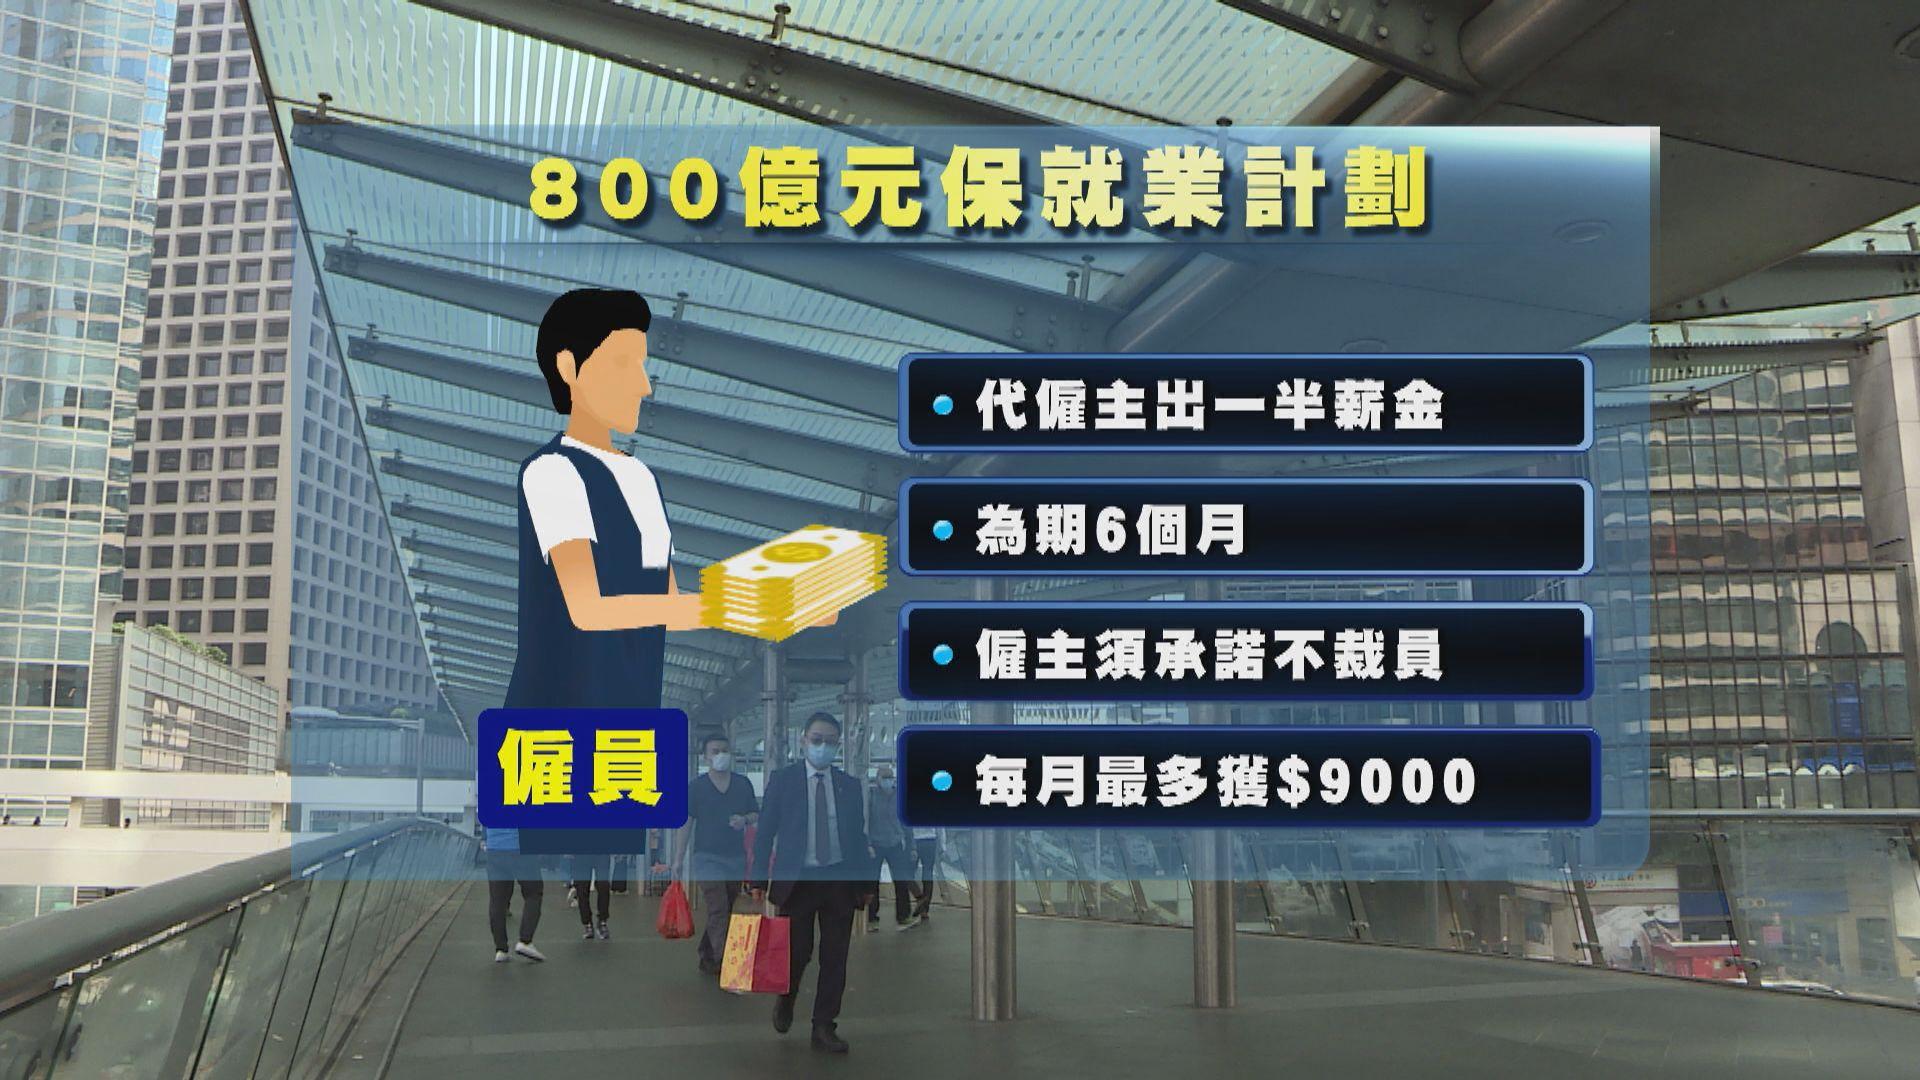 政府推800億保就業計劃 僱主須承諾不裁員